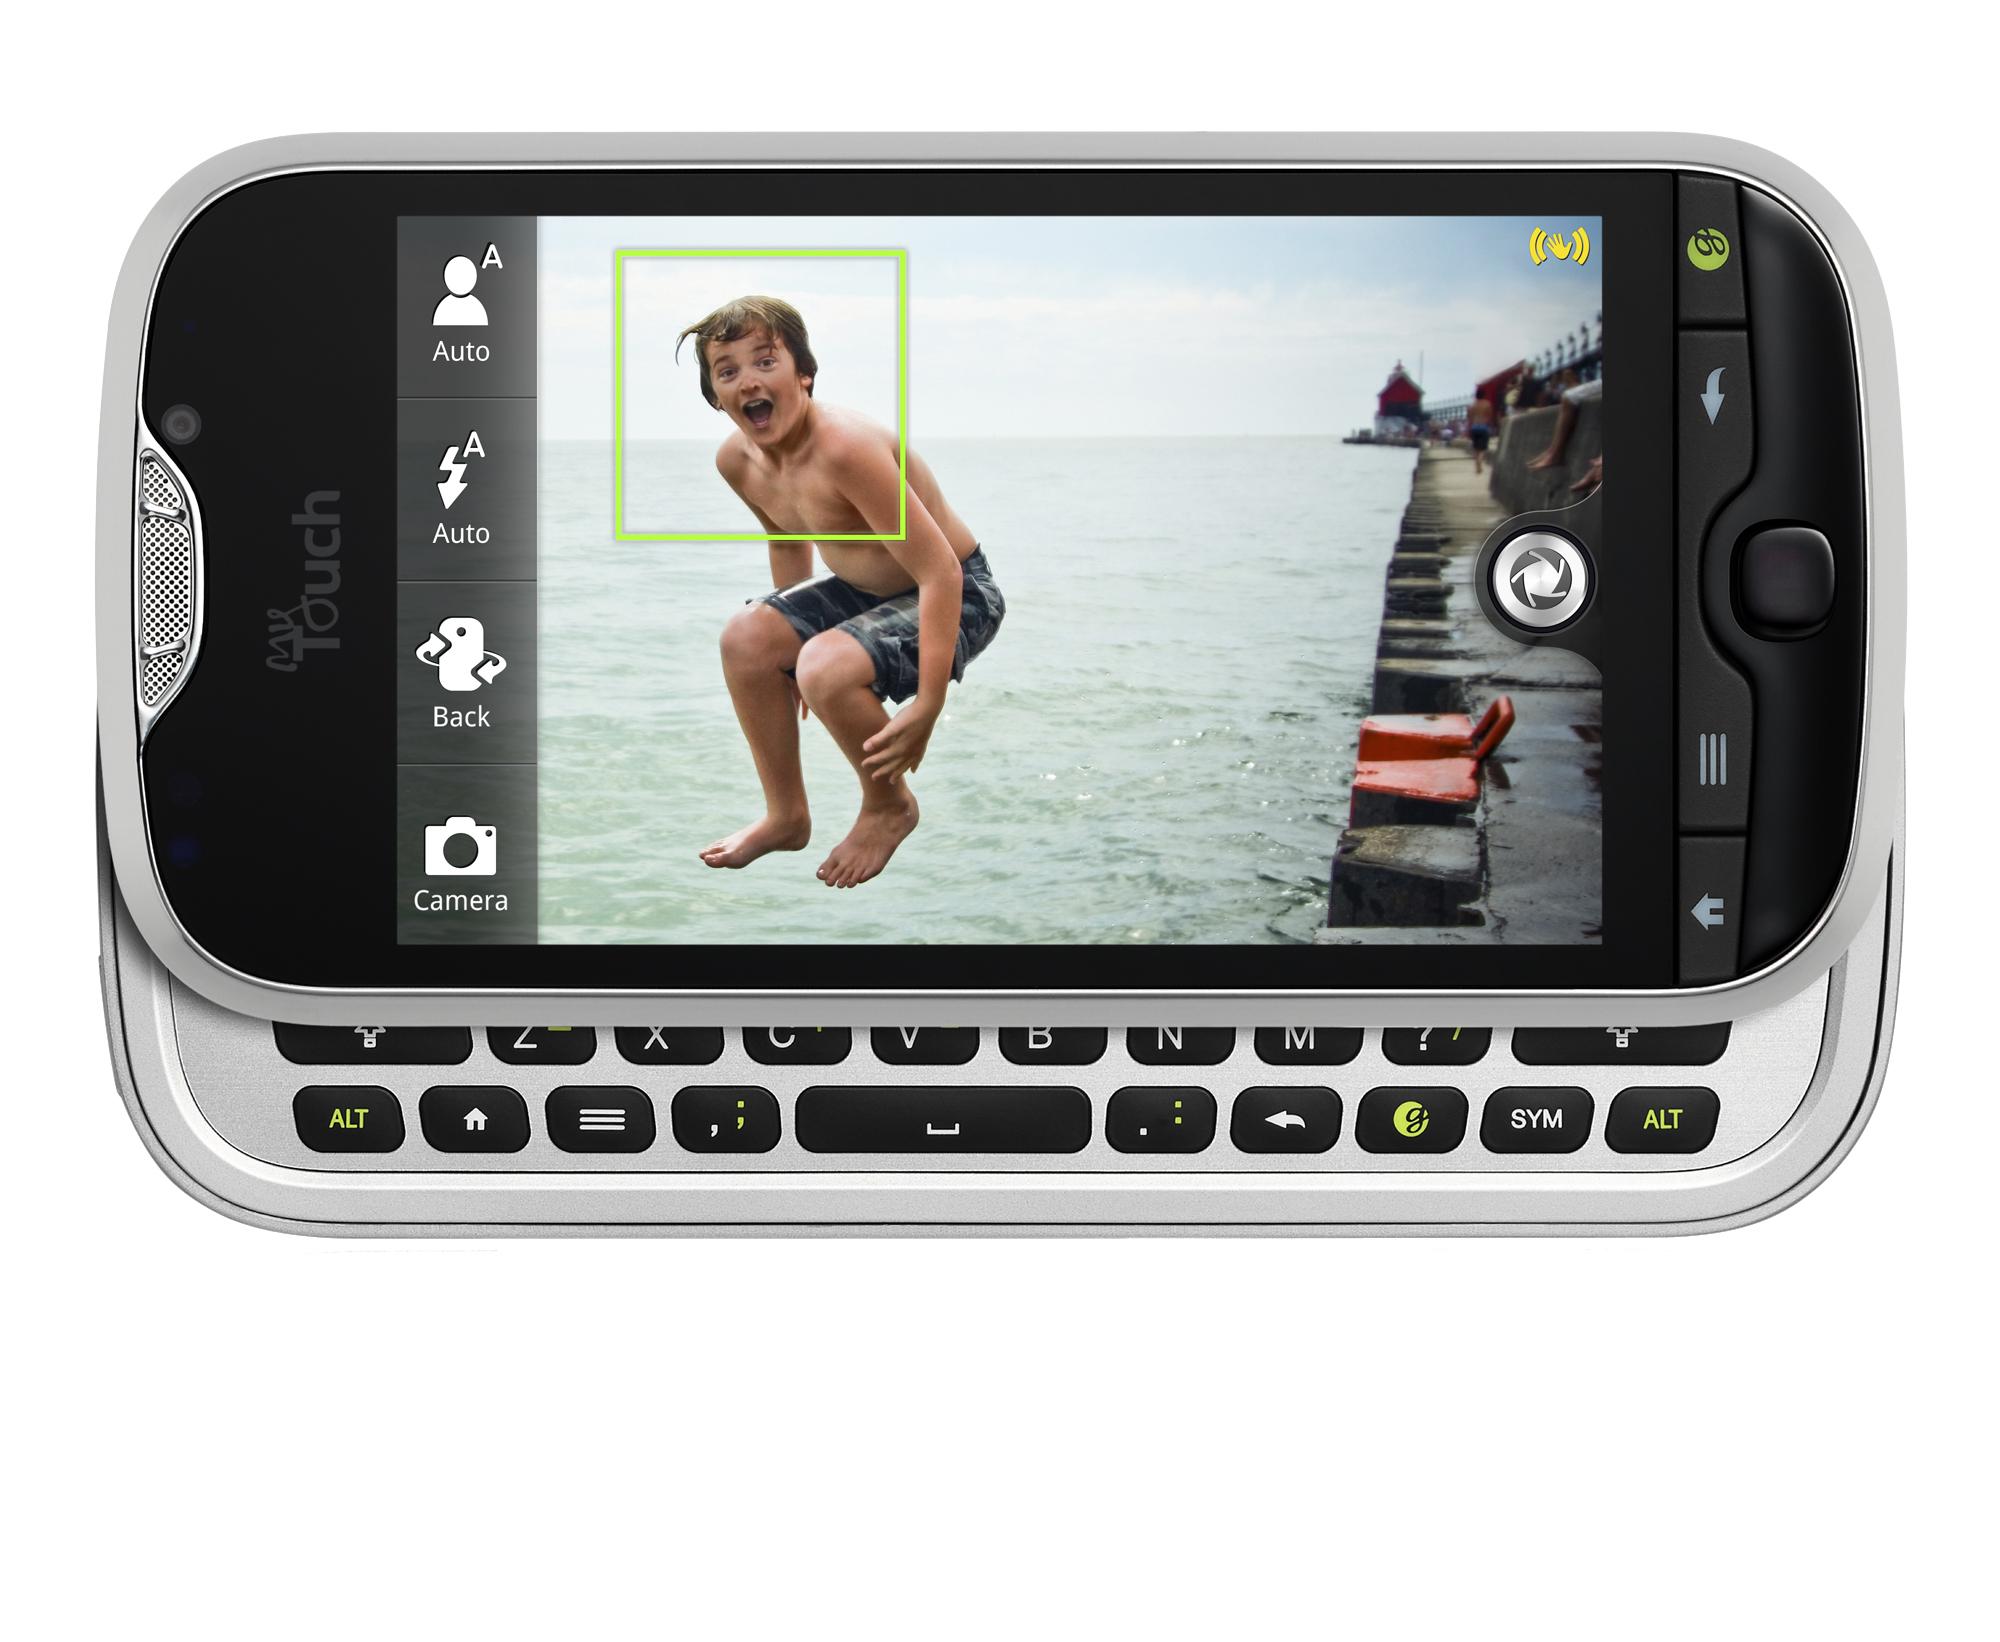 htc mytouch 4g slide handset detection rh handsetdetection com HTC myTouch 4G Accessories HTC myTouch 4G T-Mobile